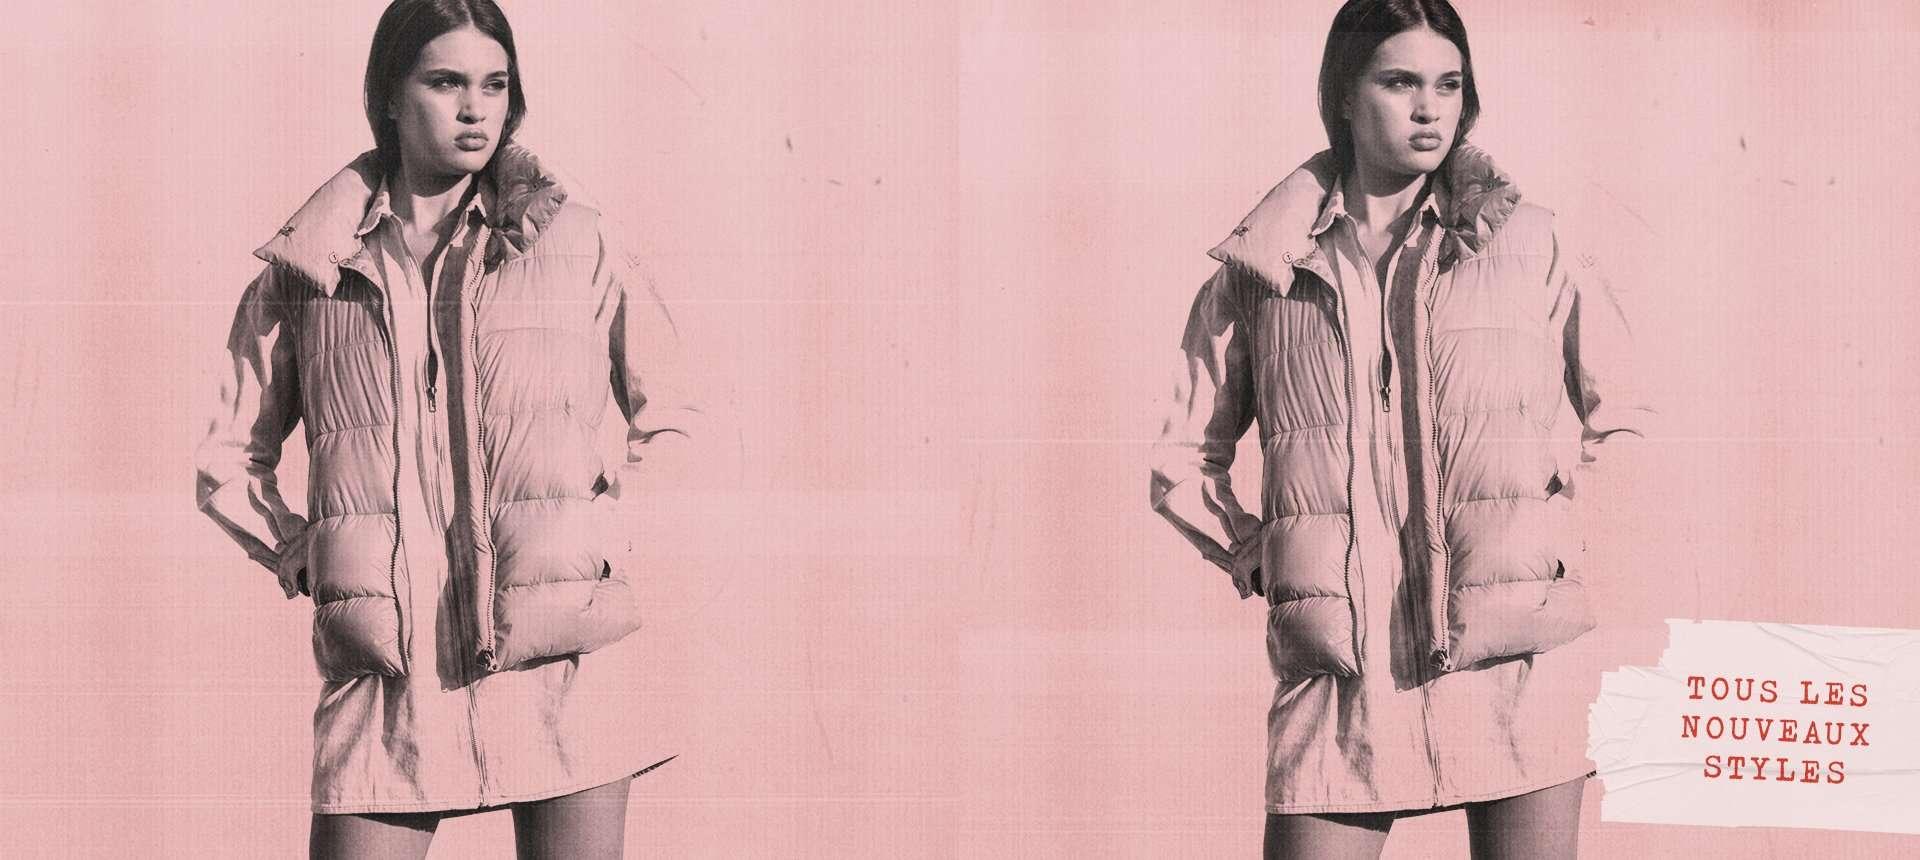 hot-vente dernier style populaire meilleur service Site de vêtement | Mode femme & shopping en ligne - Missguided